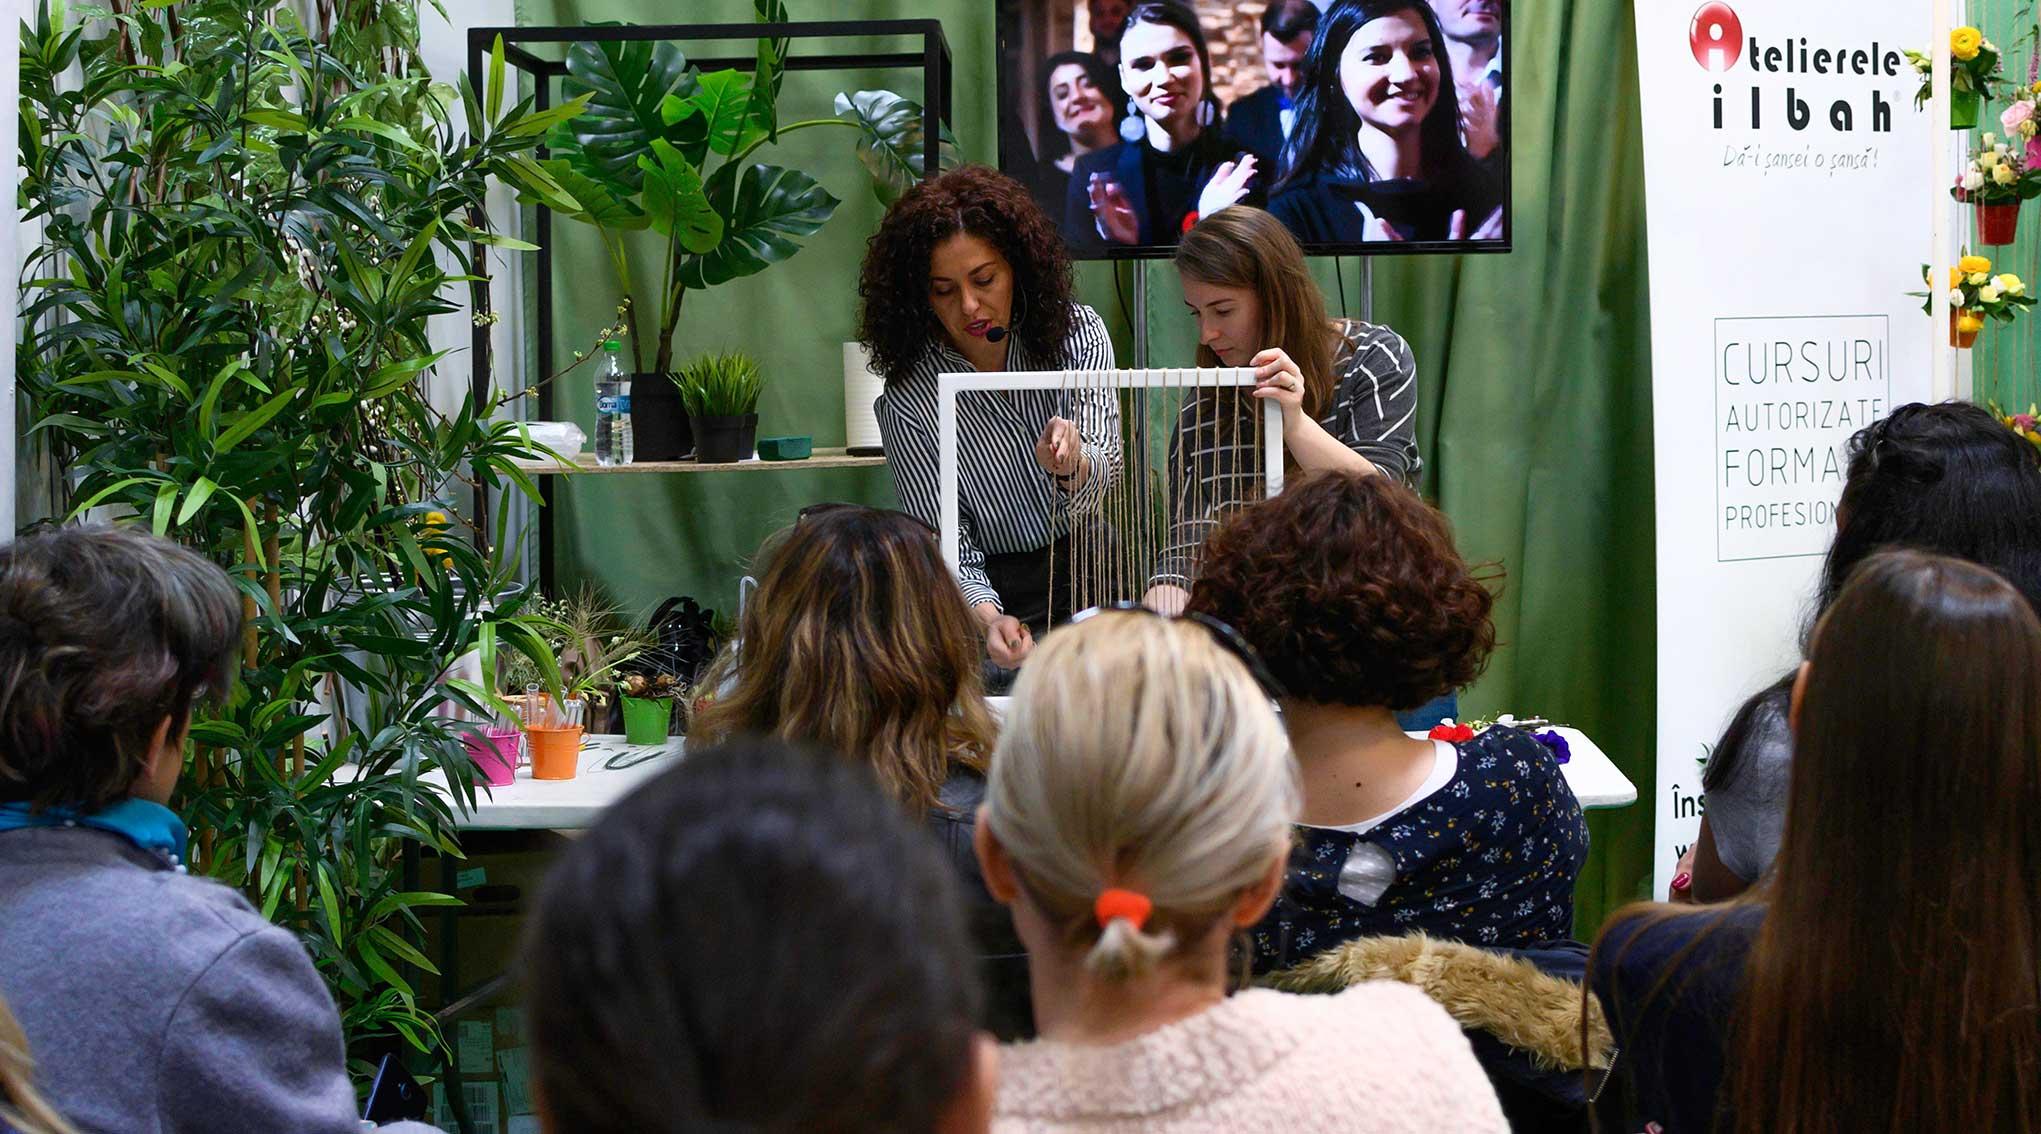 workshop-uri-demonstratii-si-conferinte-marca-atelierele-ilbah-pe-parcursul-a-4-zile-in-cadrul-romexpo-62